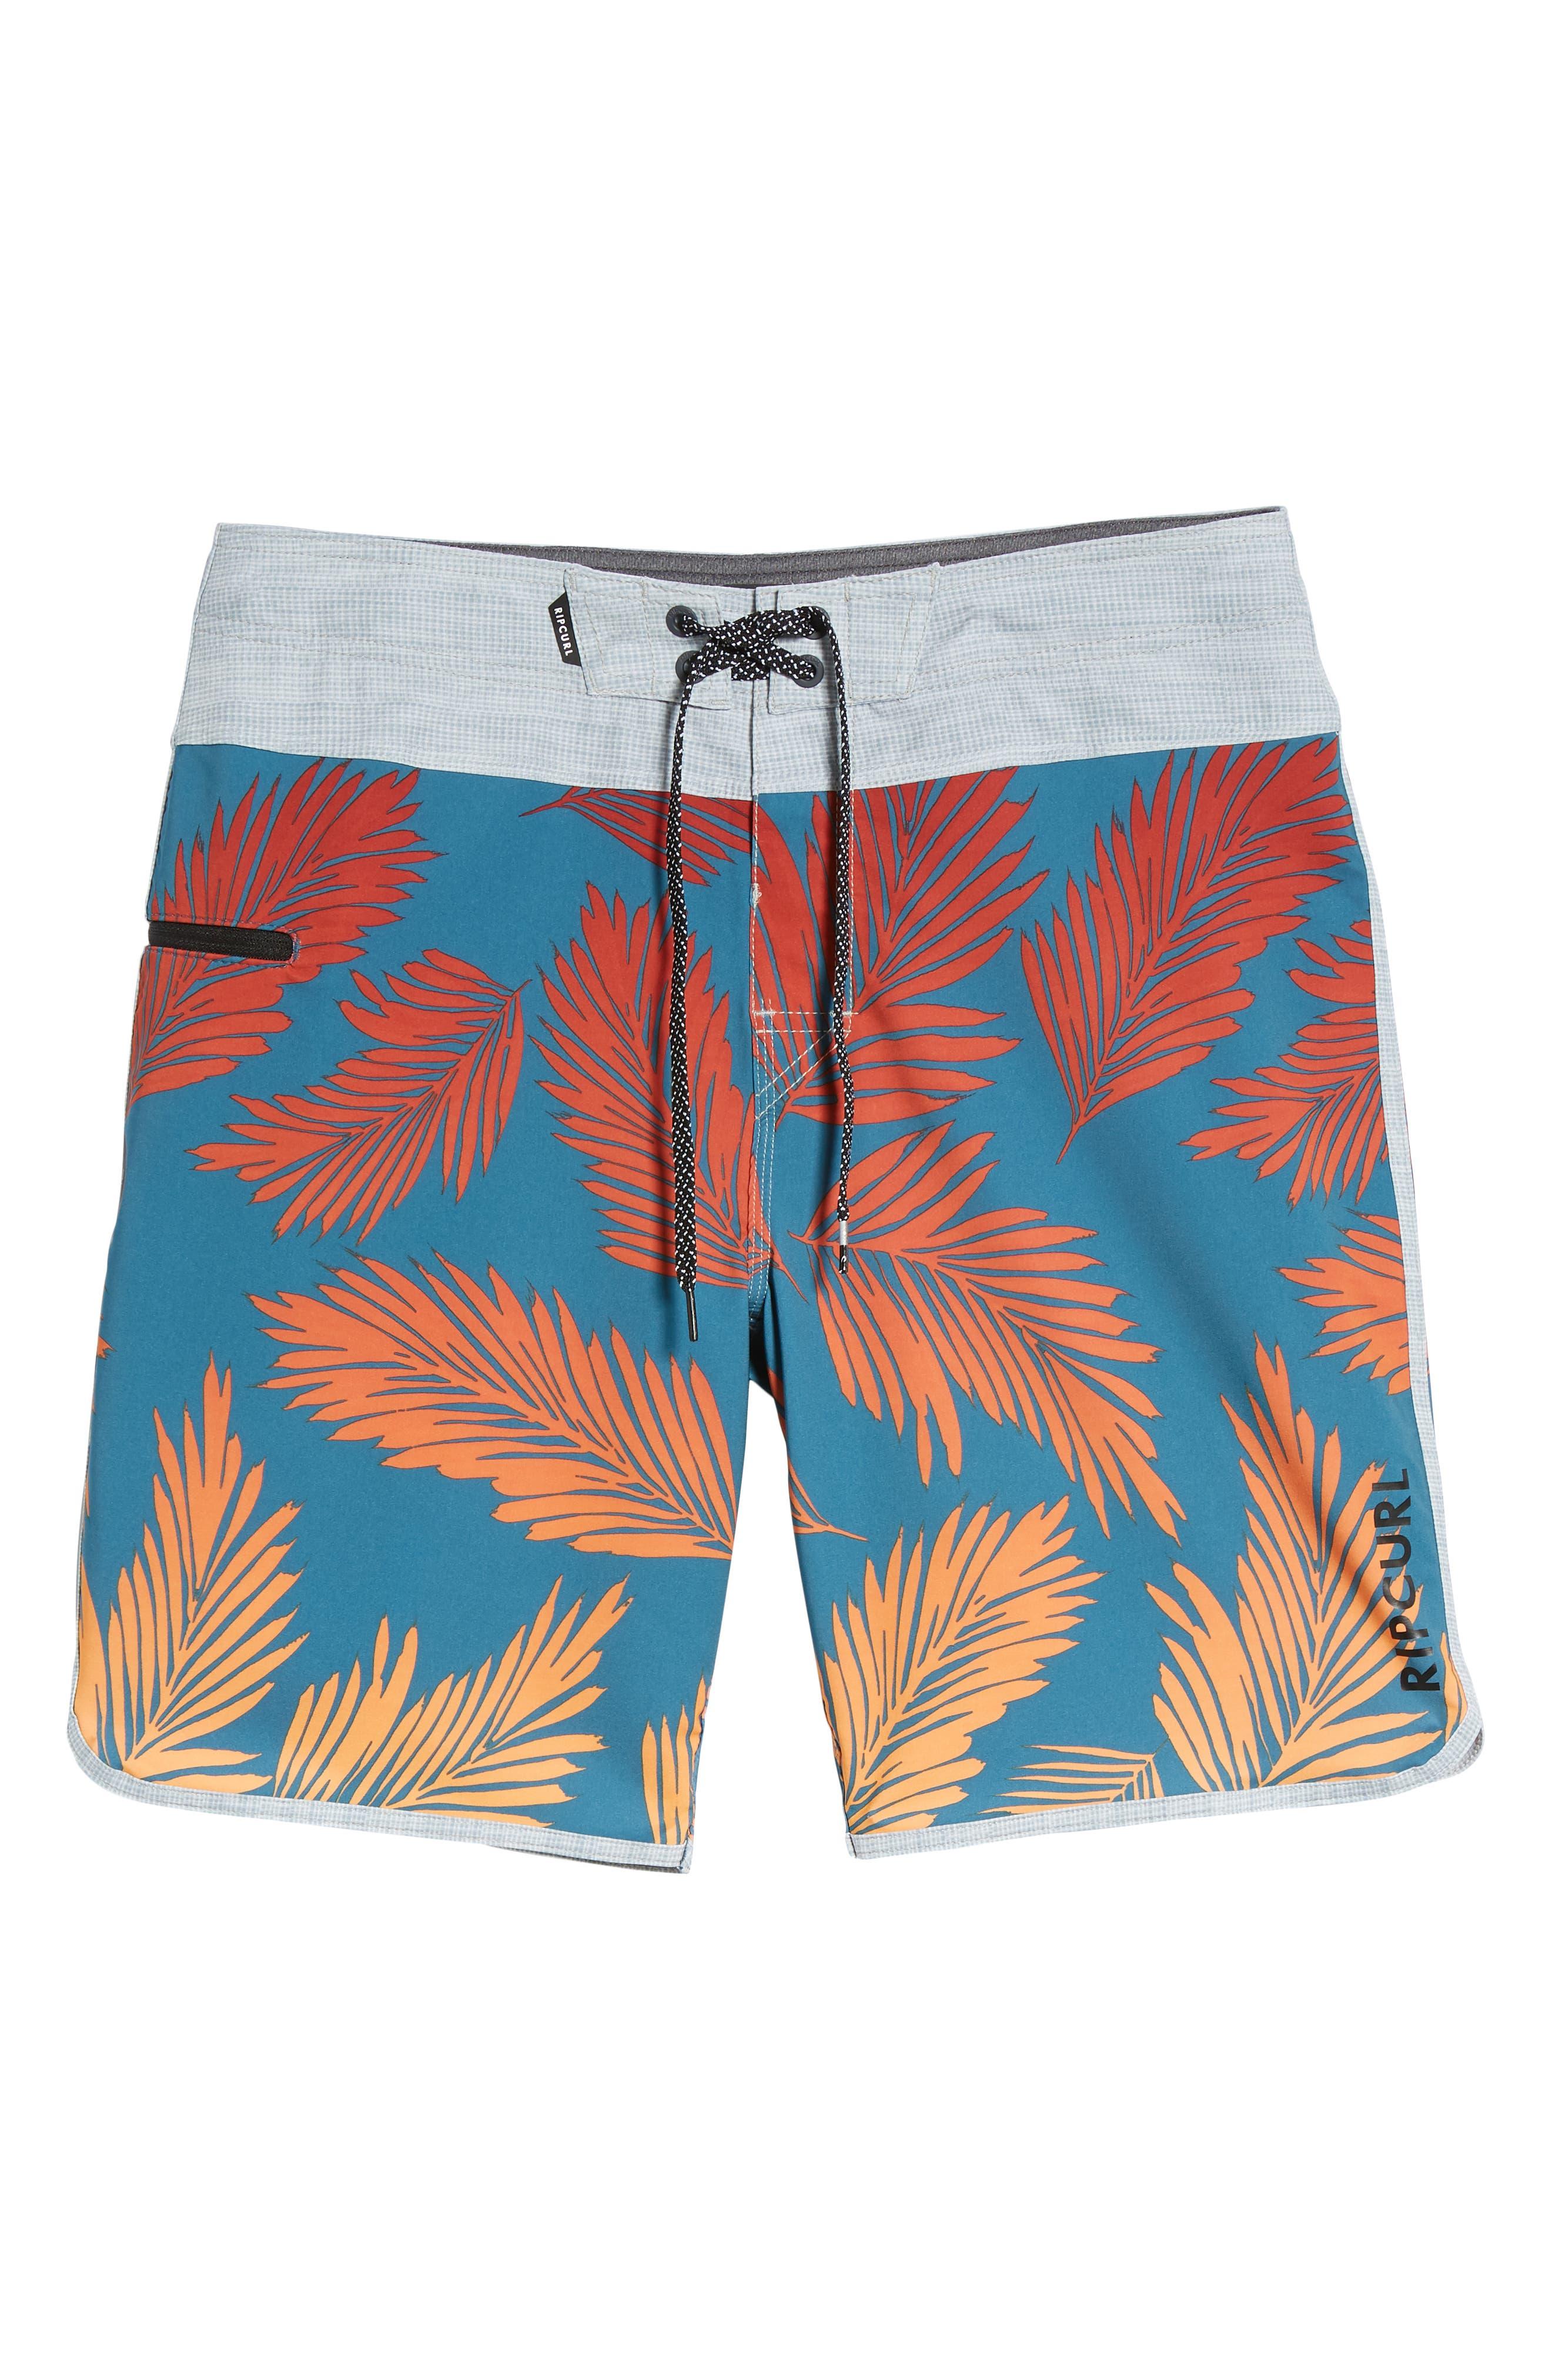 Mirage Mason Rockies Board Shorts,                             Alternate thumbnail 16, color,